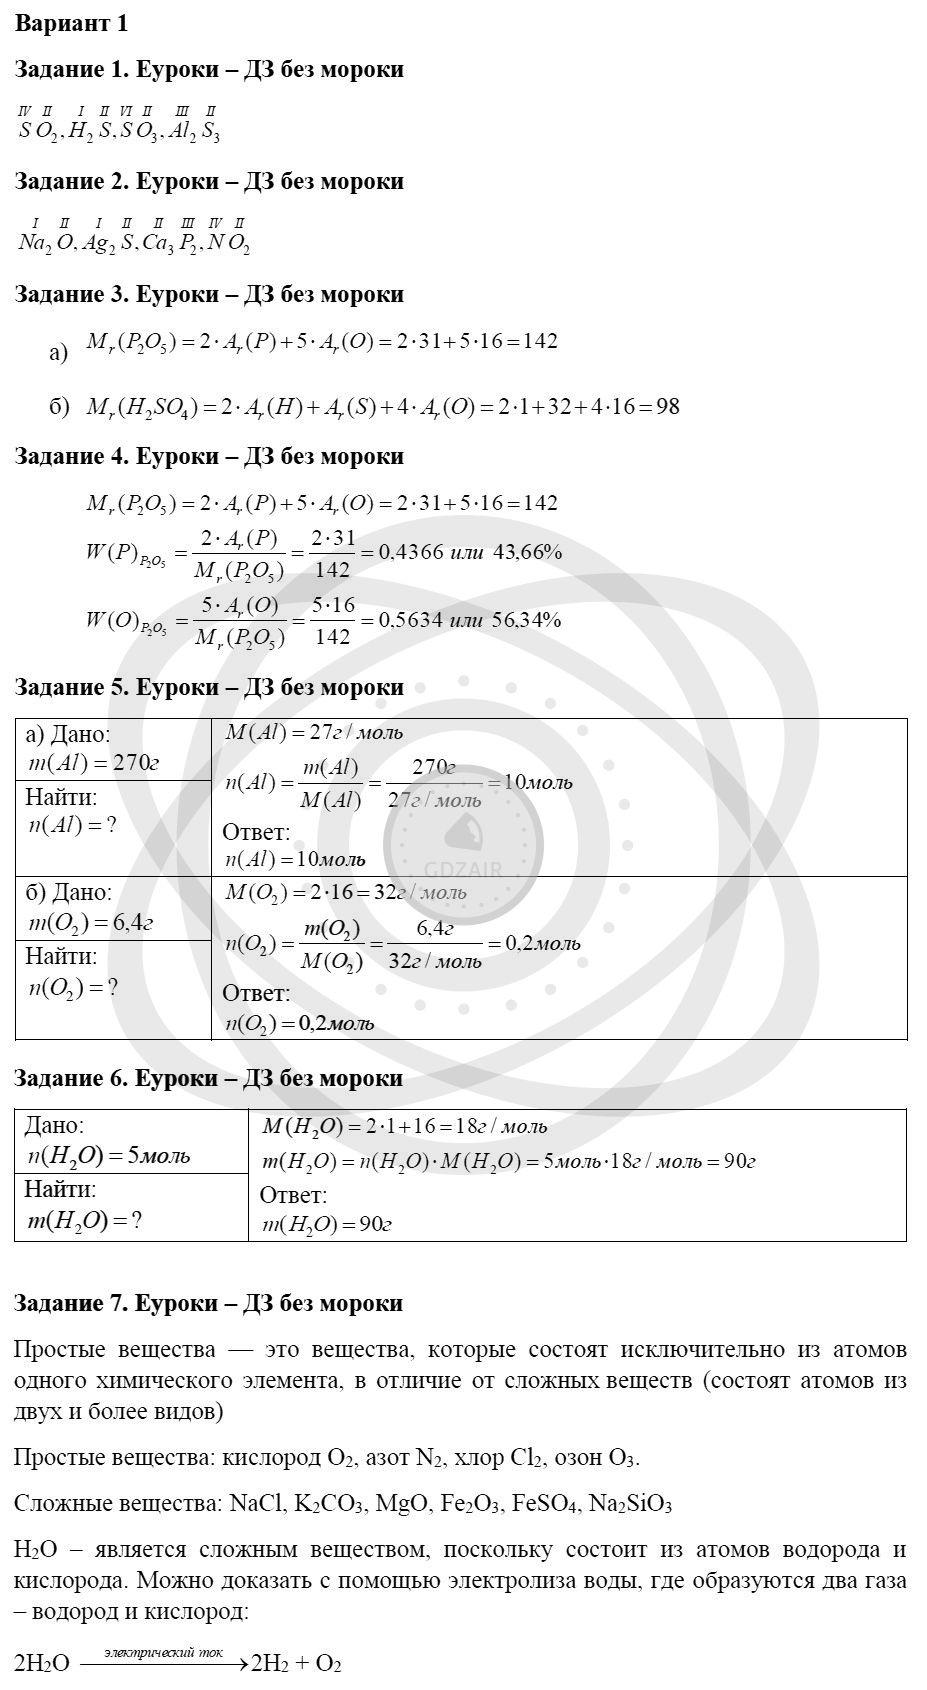 Химия 8 класс Кузнецова Н. Е. Глава 1. Первоначальные химические понятия / Контрольная работа: Вариант 1